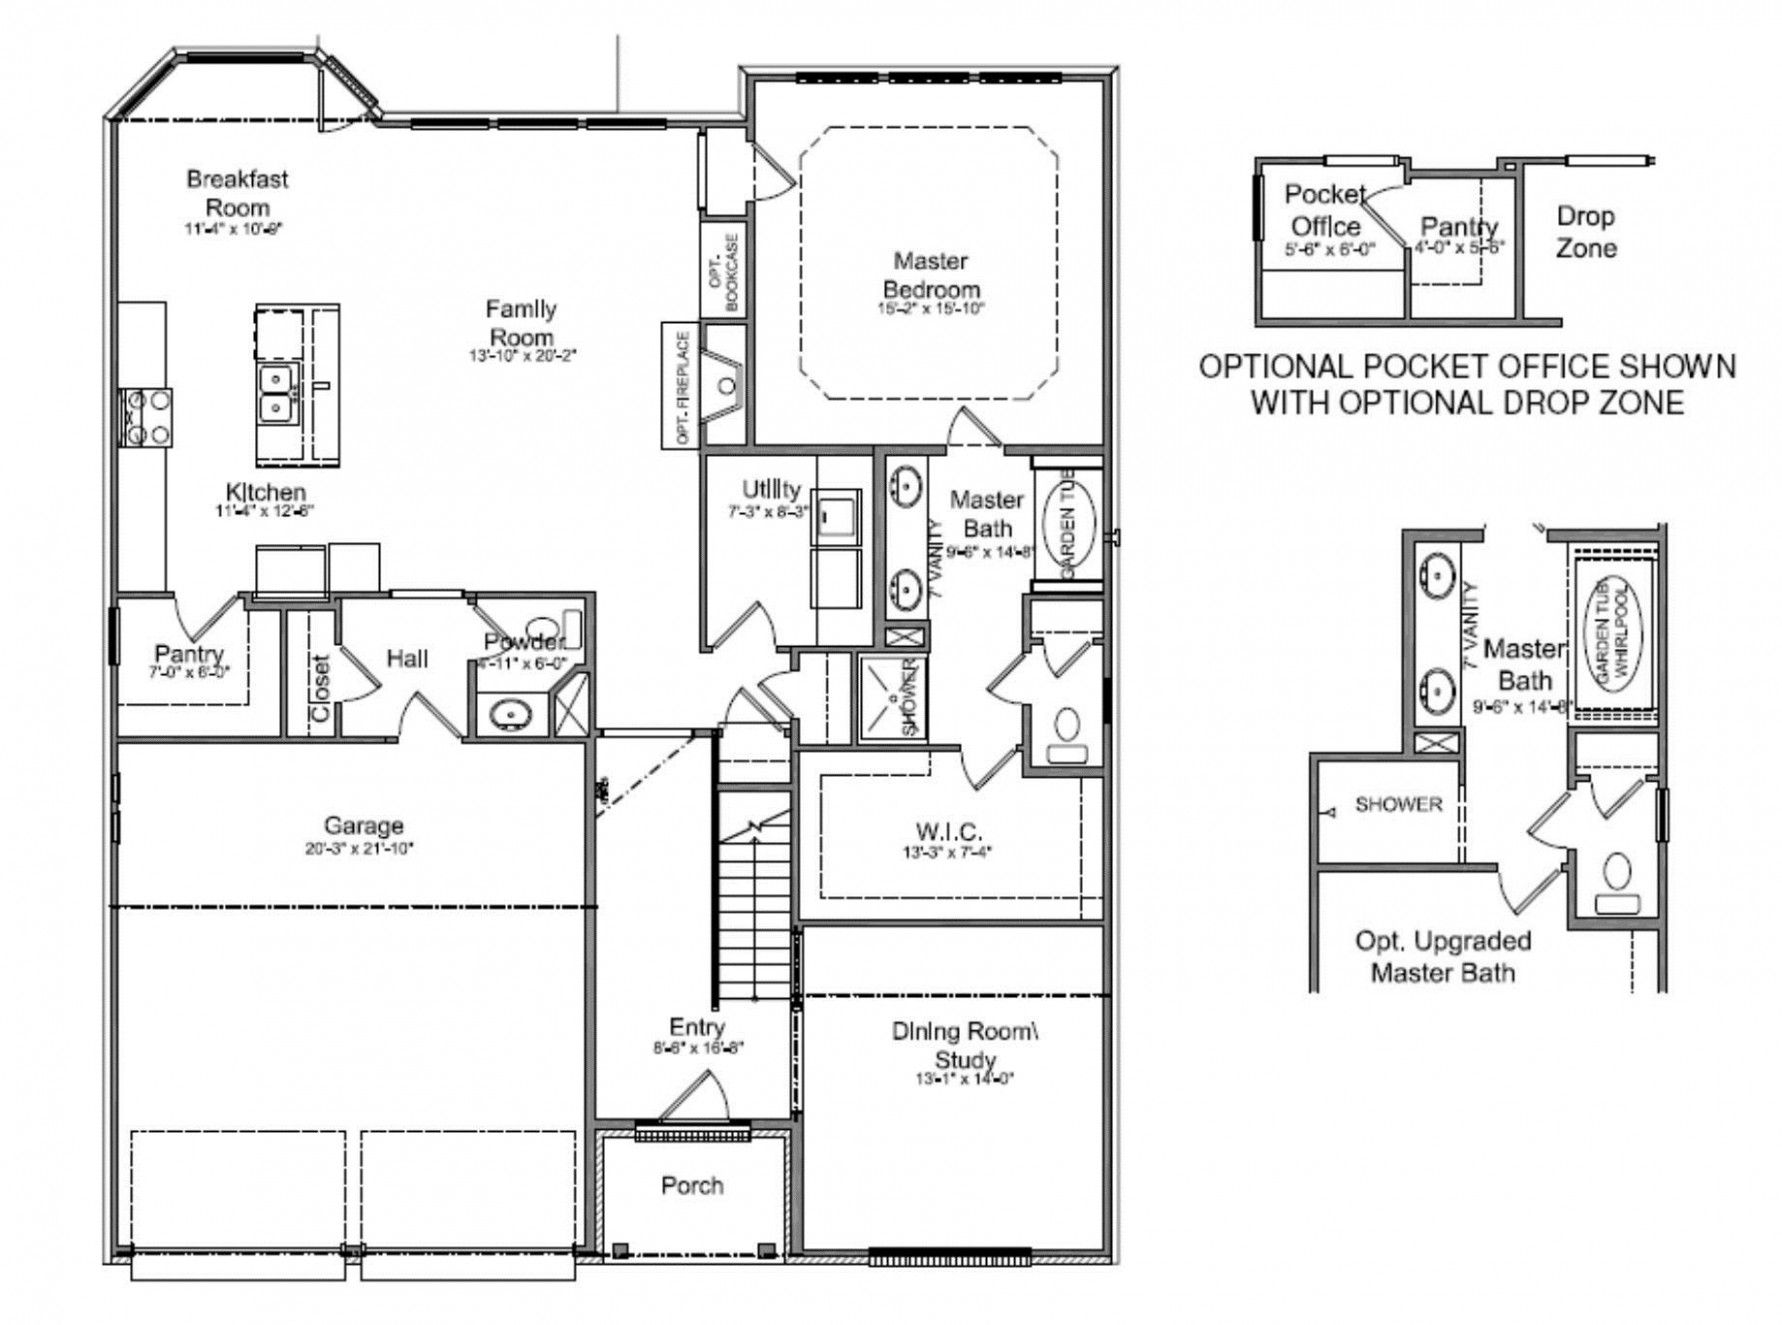 Bedroom Floor Plan With Walk In Closet Bedroom Floor Plan